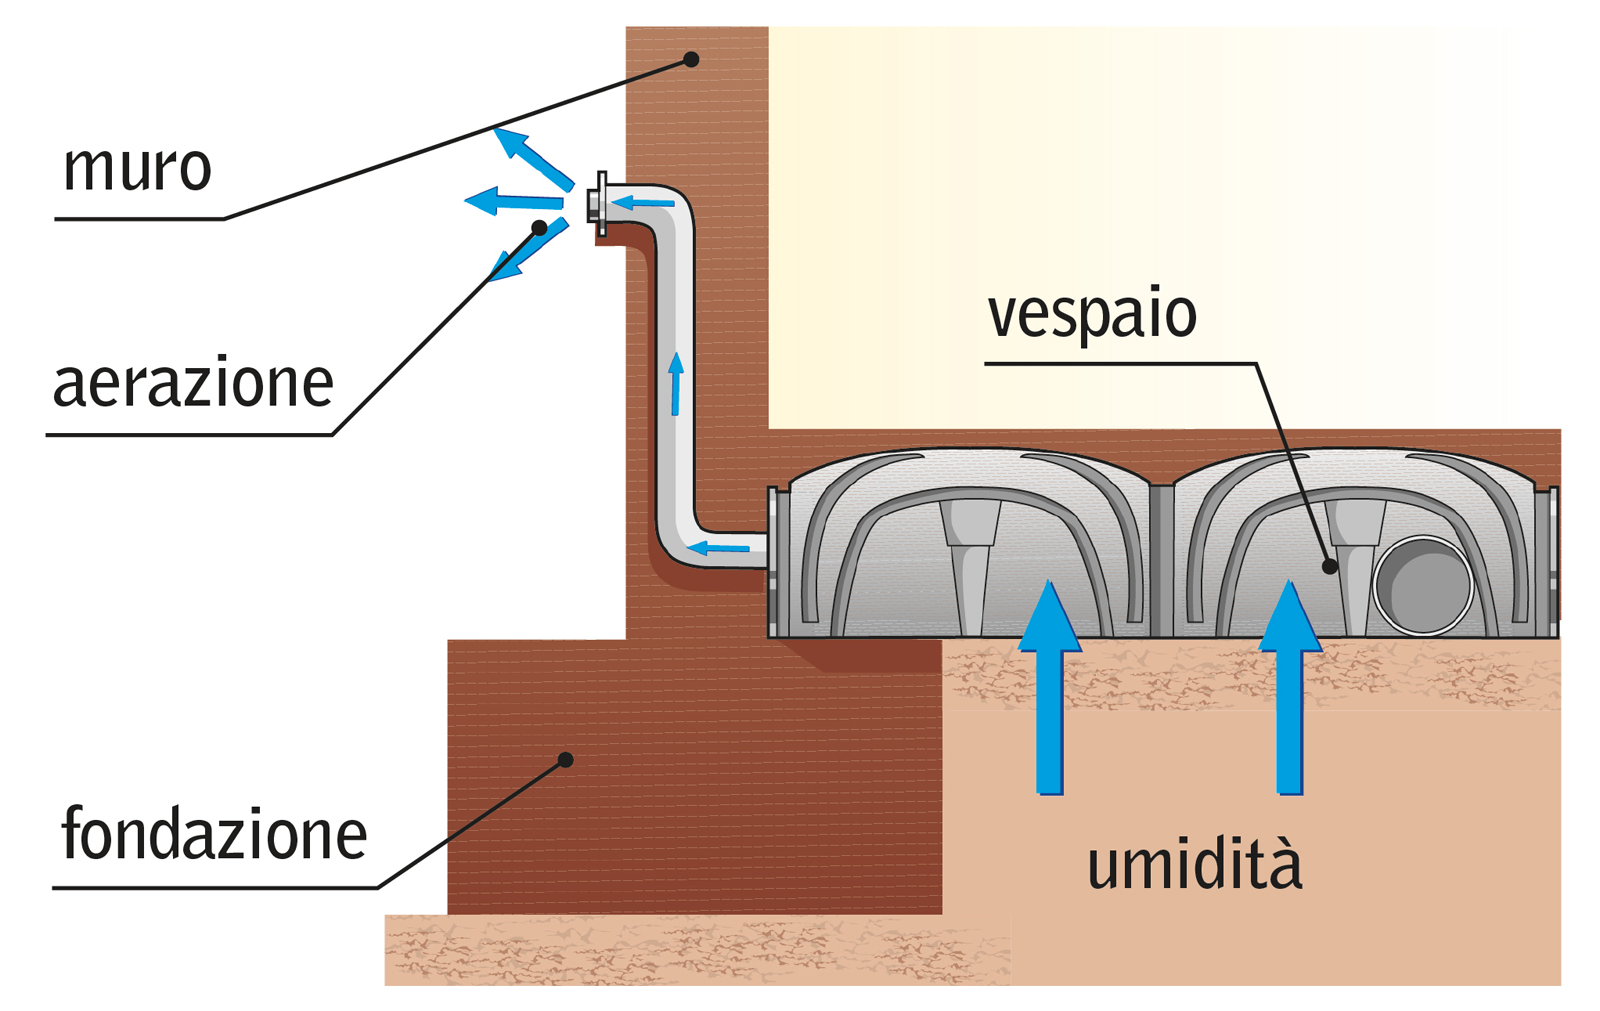 Vespaio Areato Altezza Minima estudio de proyectos edilicios-consultora de seguridad e